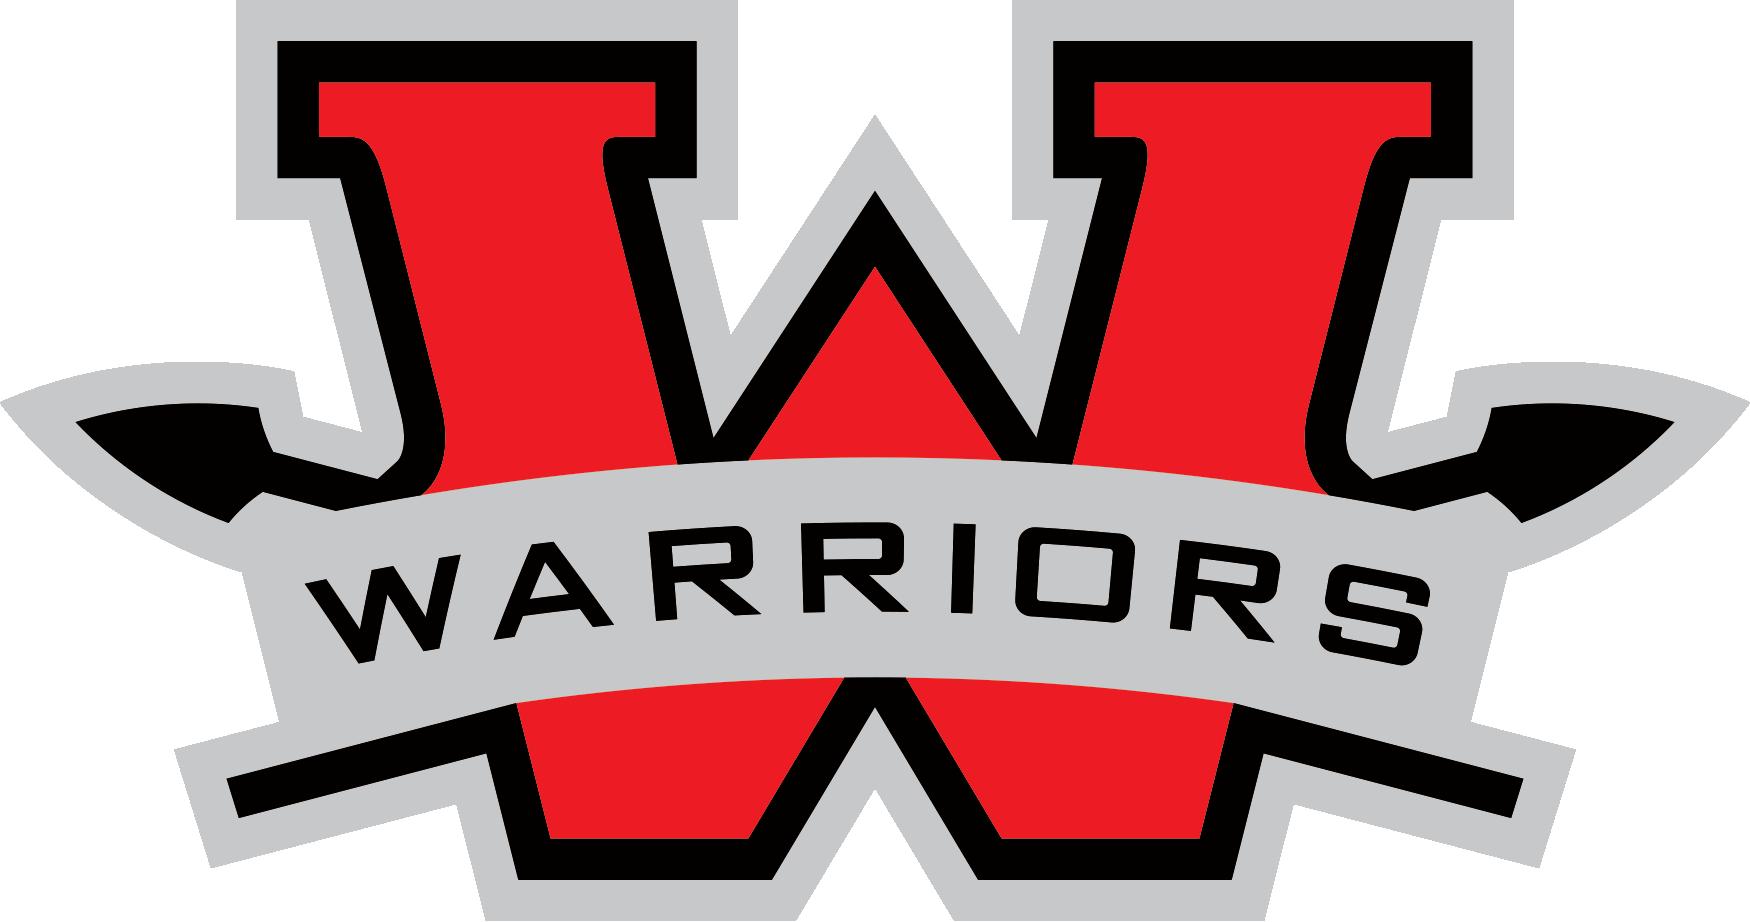 Warriors Logos